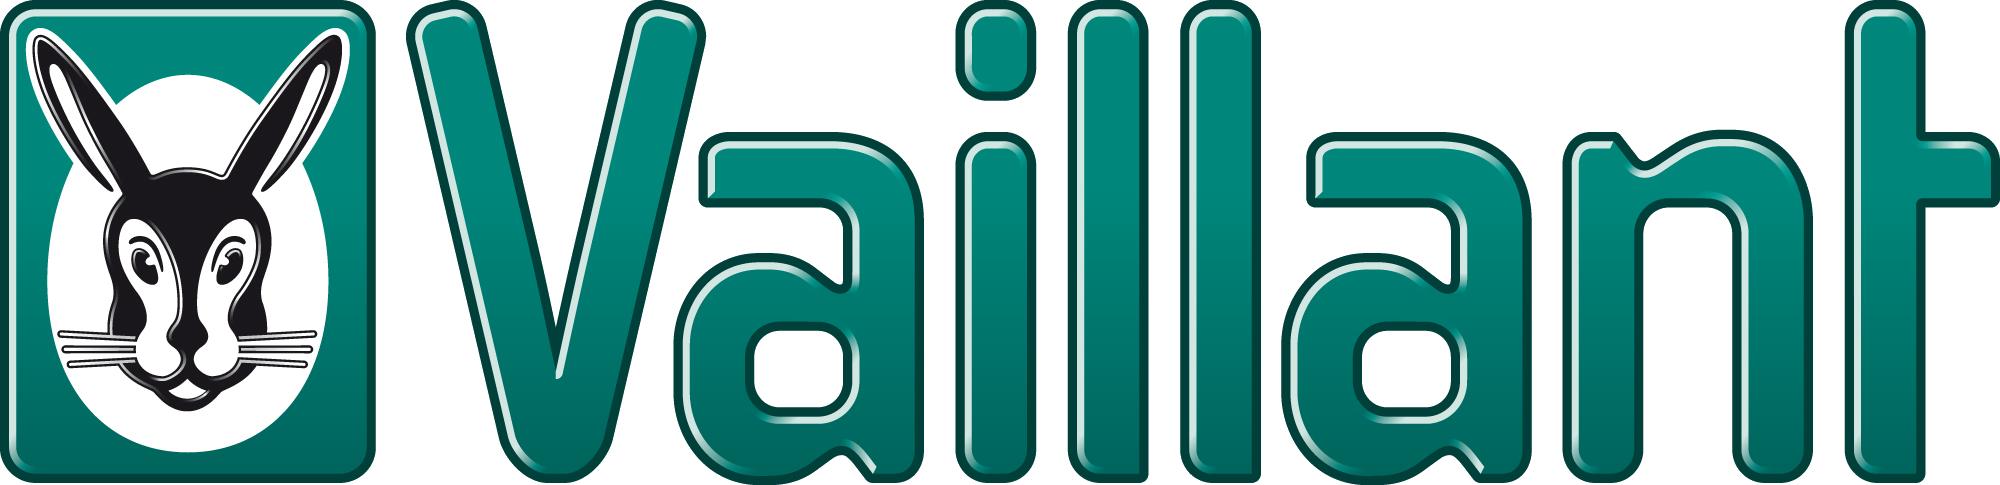 vaillant-logotipo